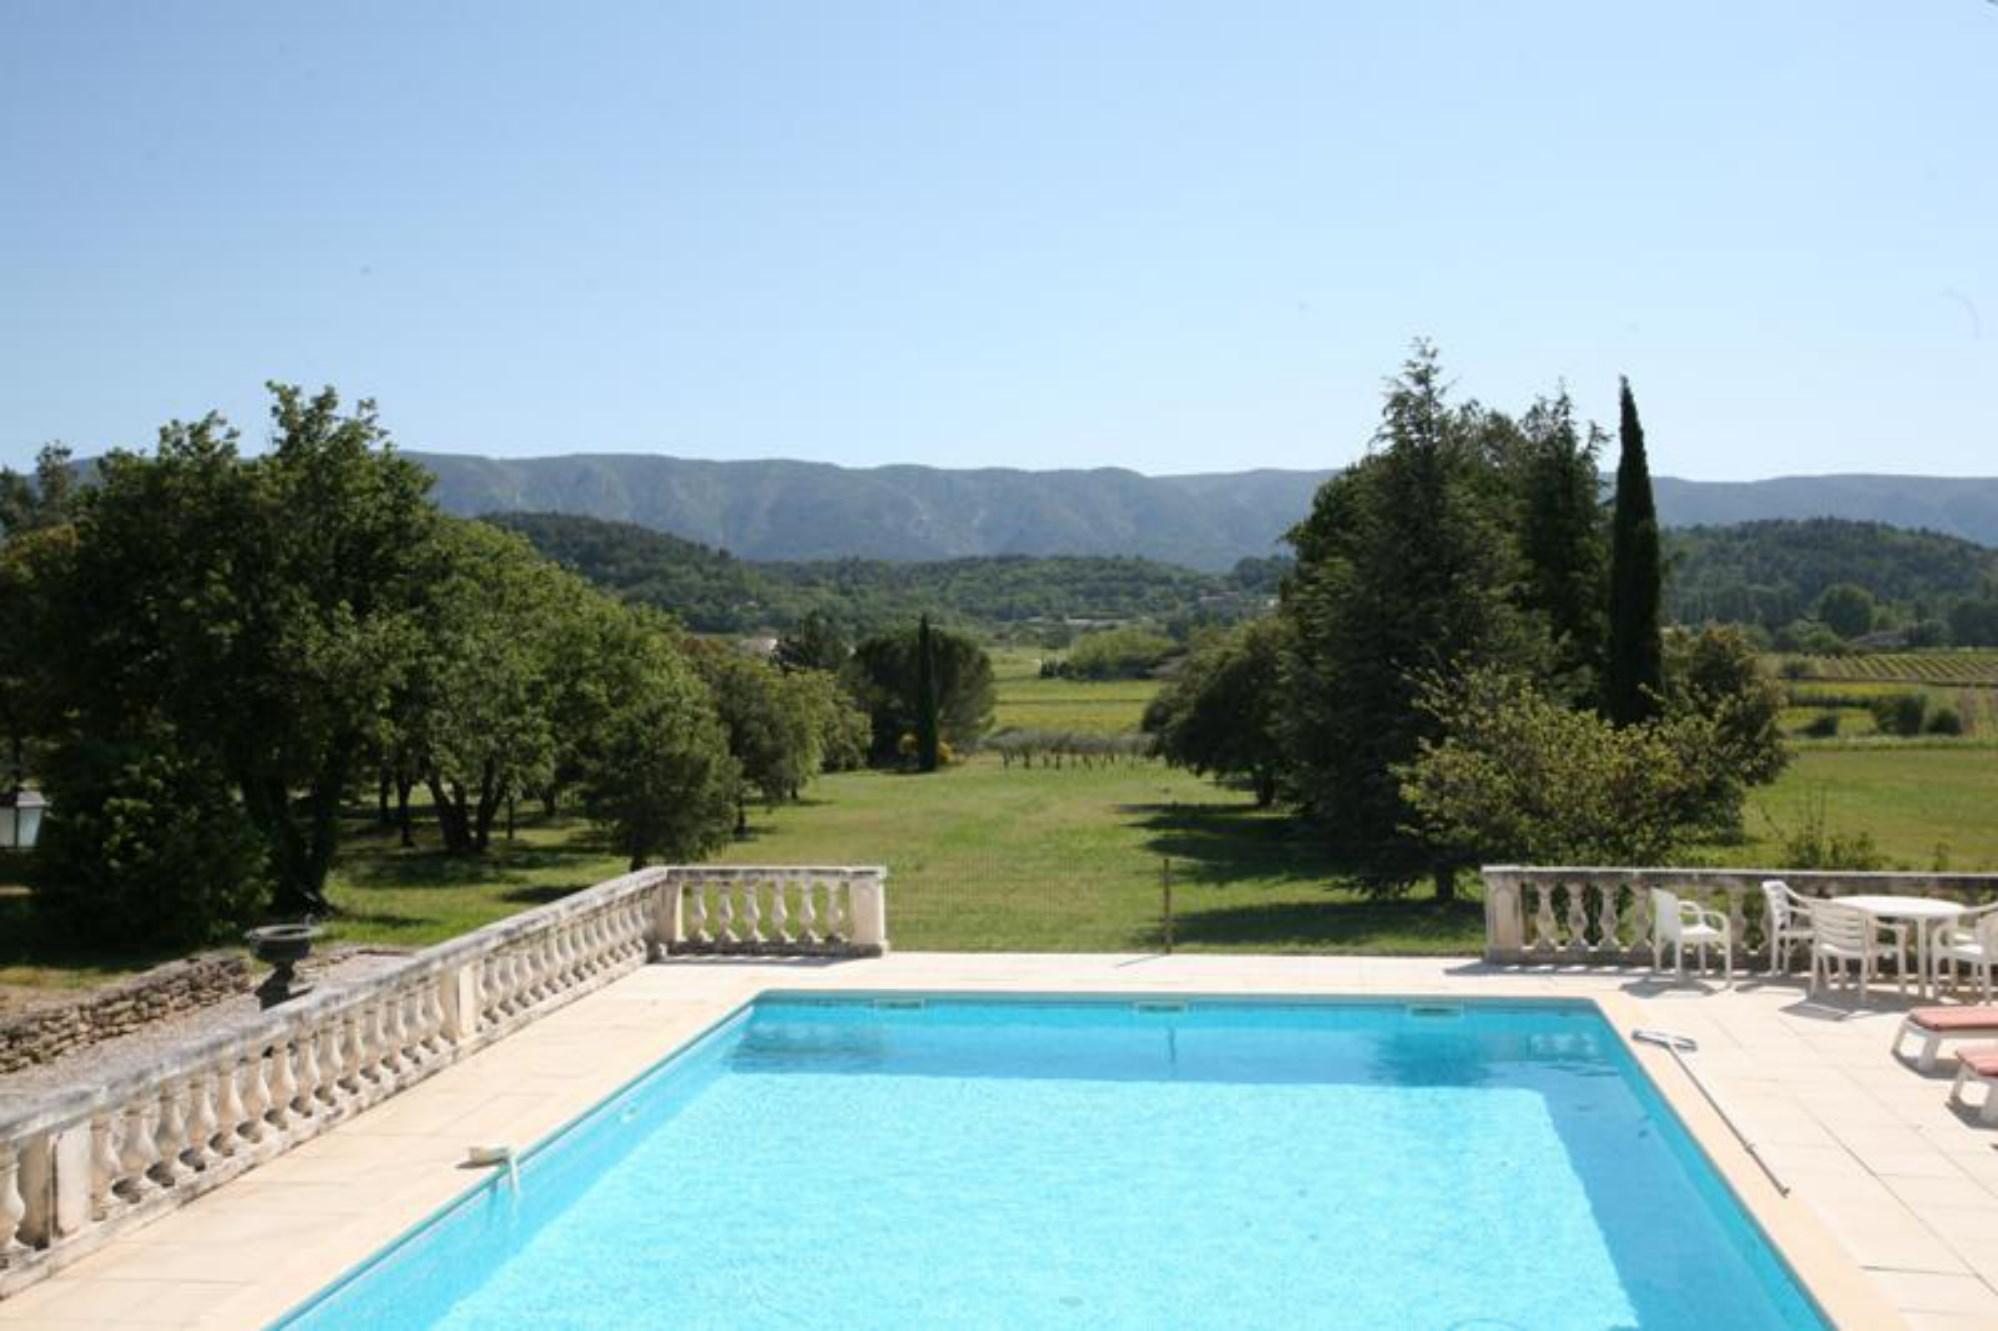 Ventes Maison Proven Ale Avec Piscine Et Terrasse Avec Vue Panoramique Vendre En Luberon